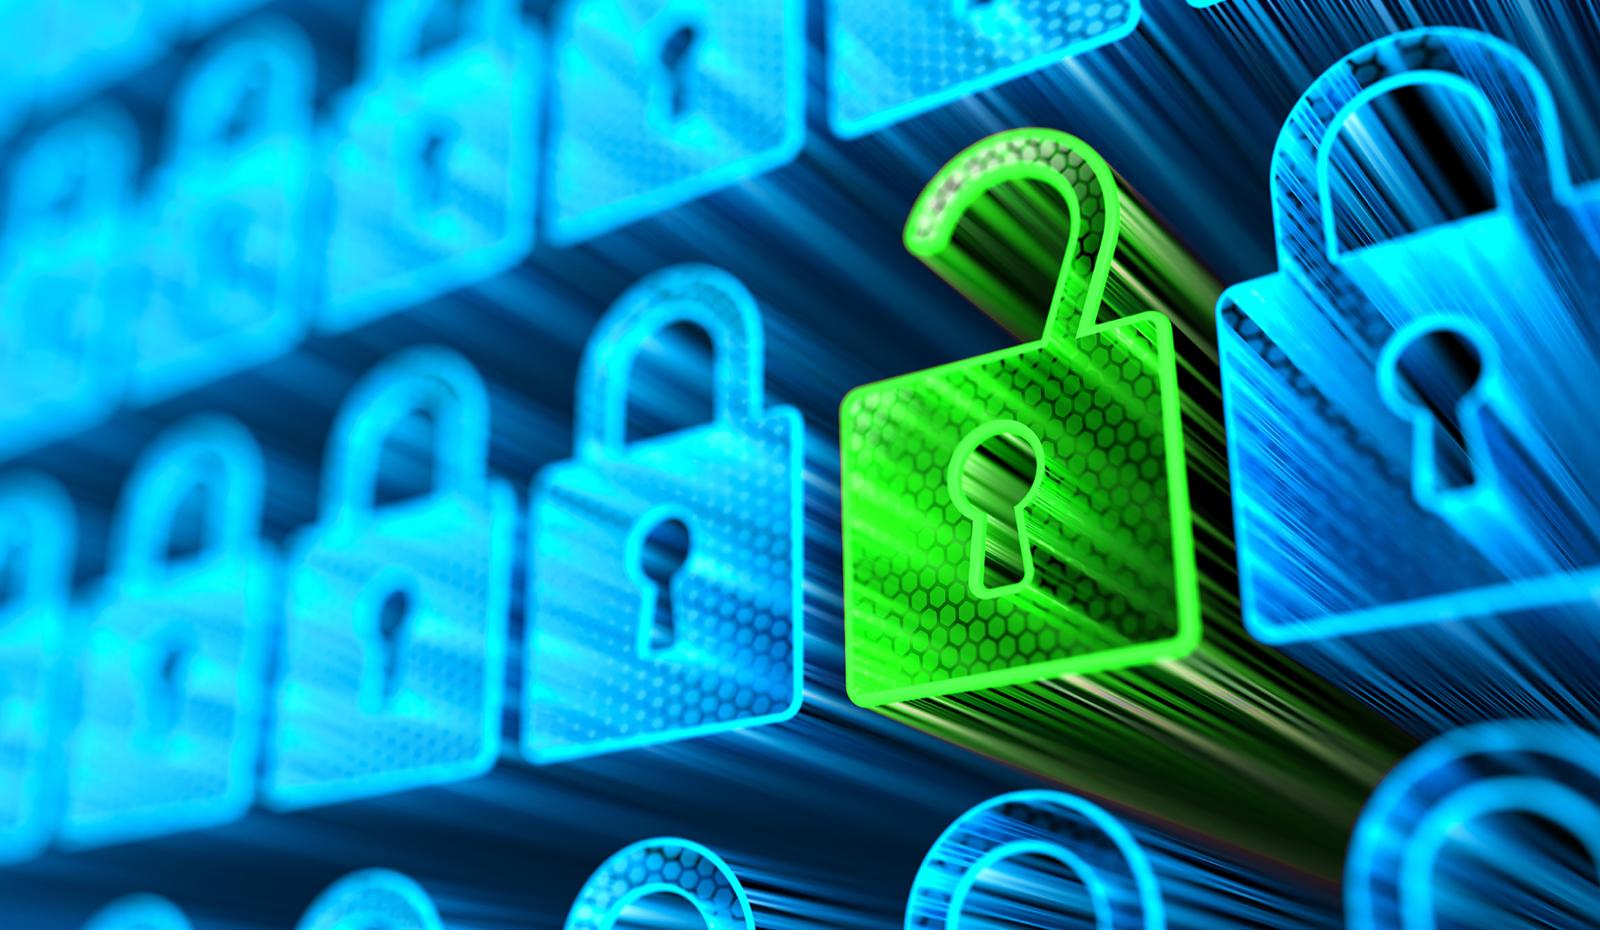 Ciberseguridad y hacking ético: cómo puede beneficiar a tu empresa